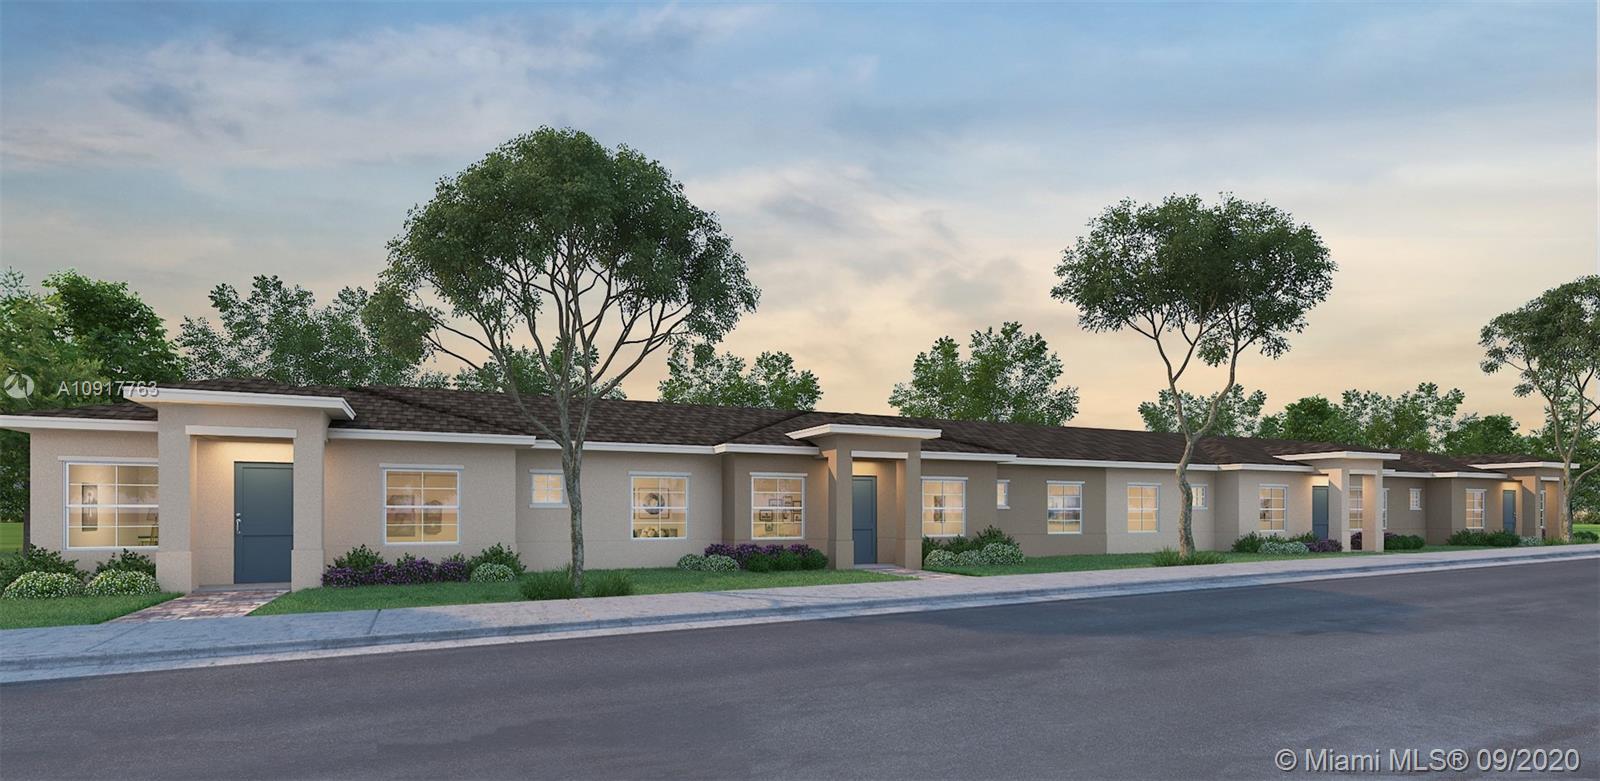 558 Ne 4th Ave Property Photo